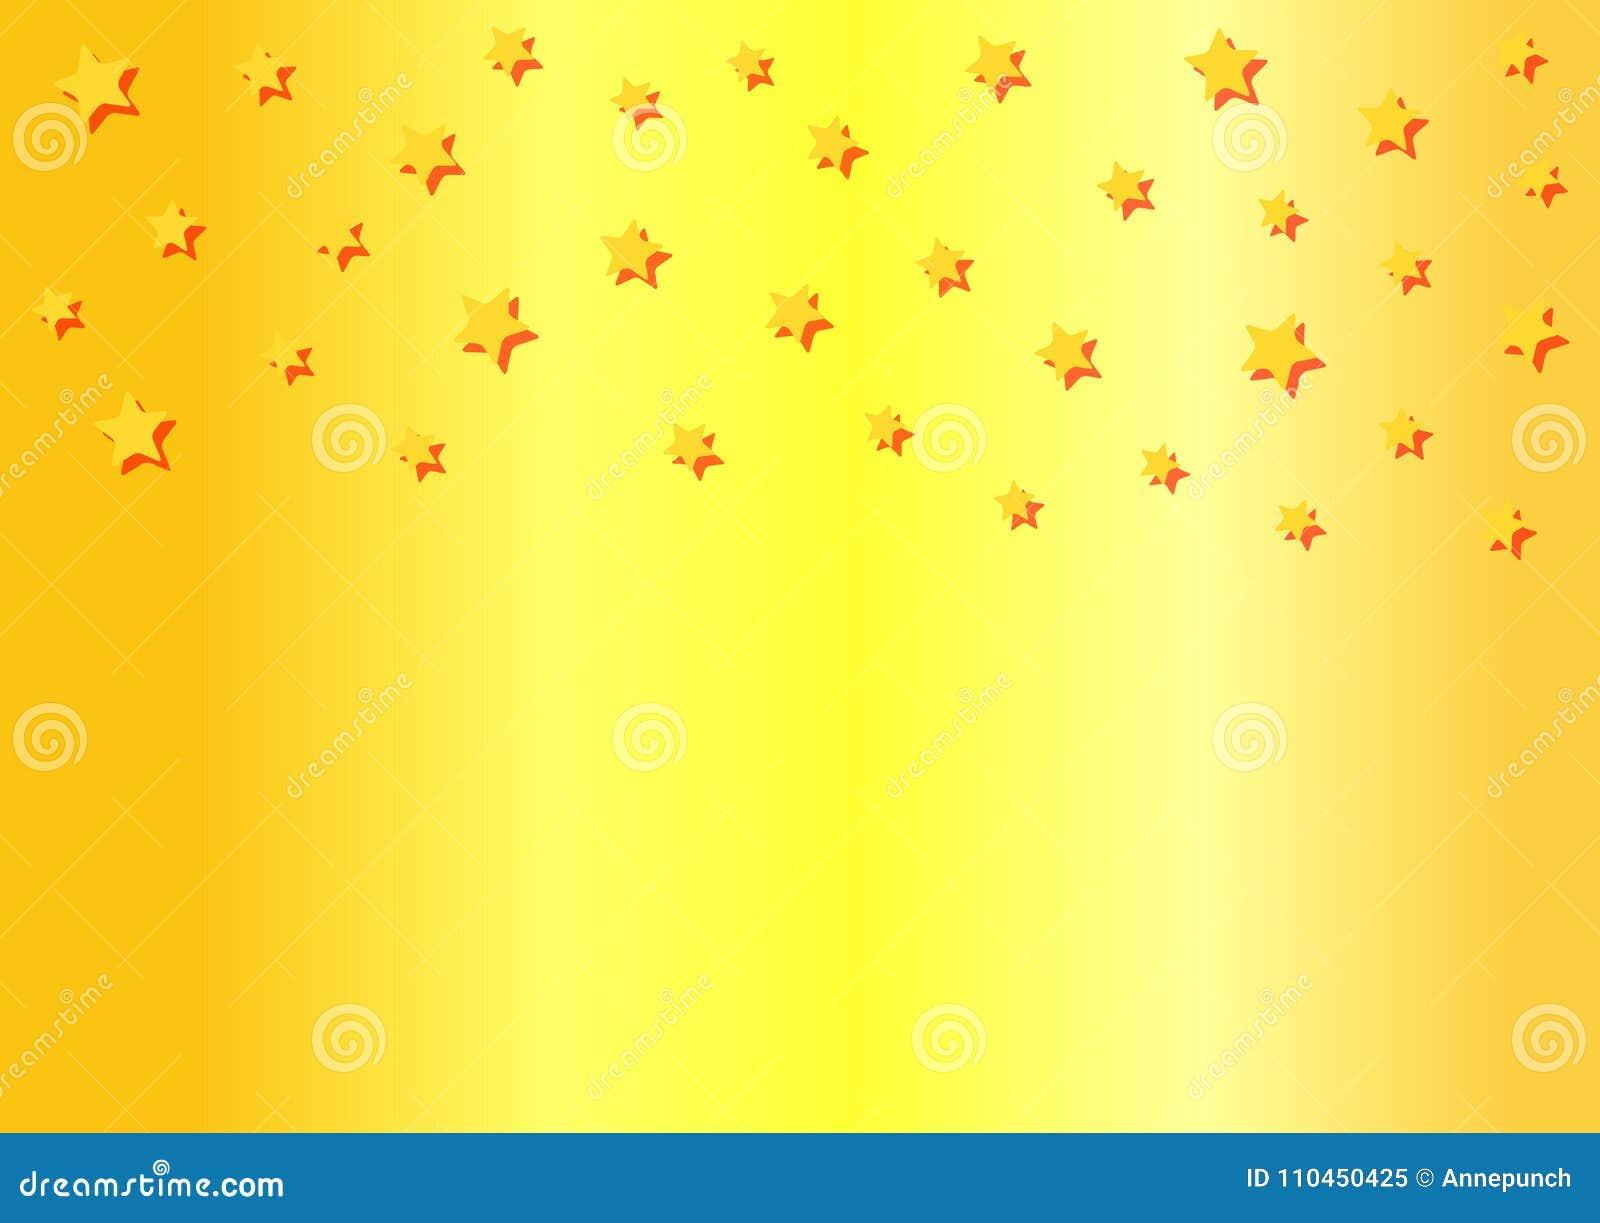 Rektangulär horisontalguld- bakgrund med fallande stjärnor